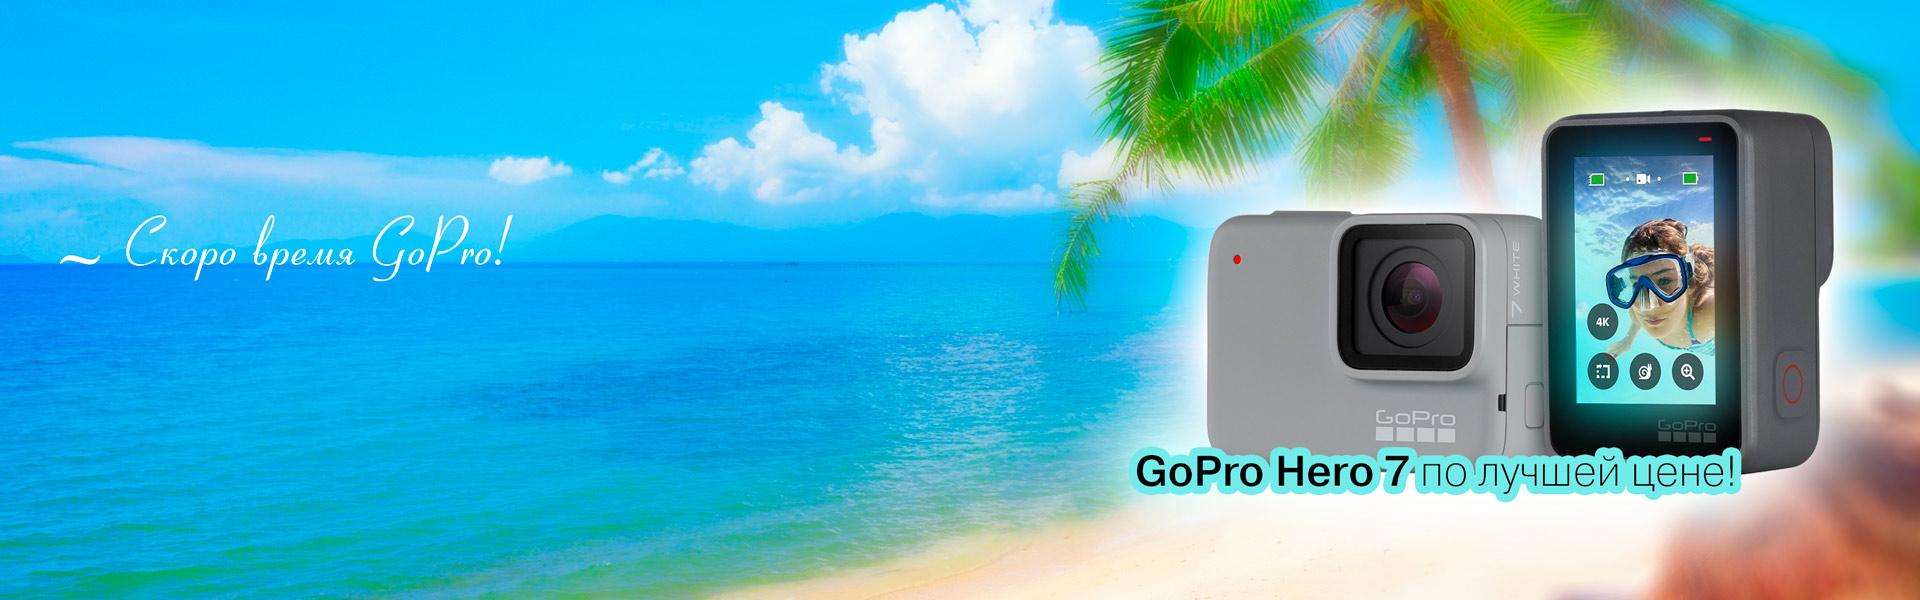 Купить GoPro Hero7 по лучшей цене в интернет-магазине